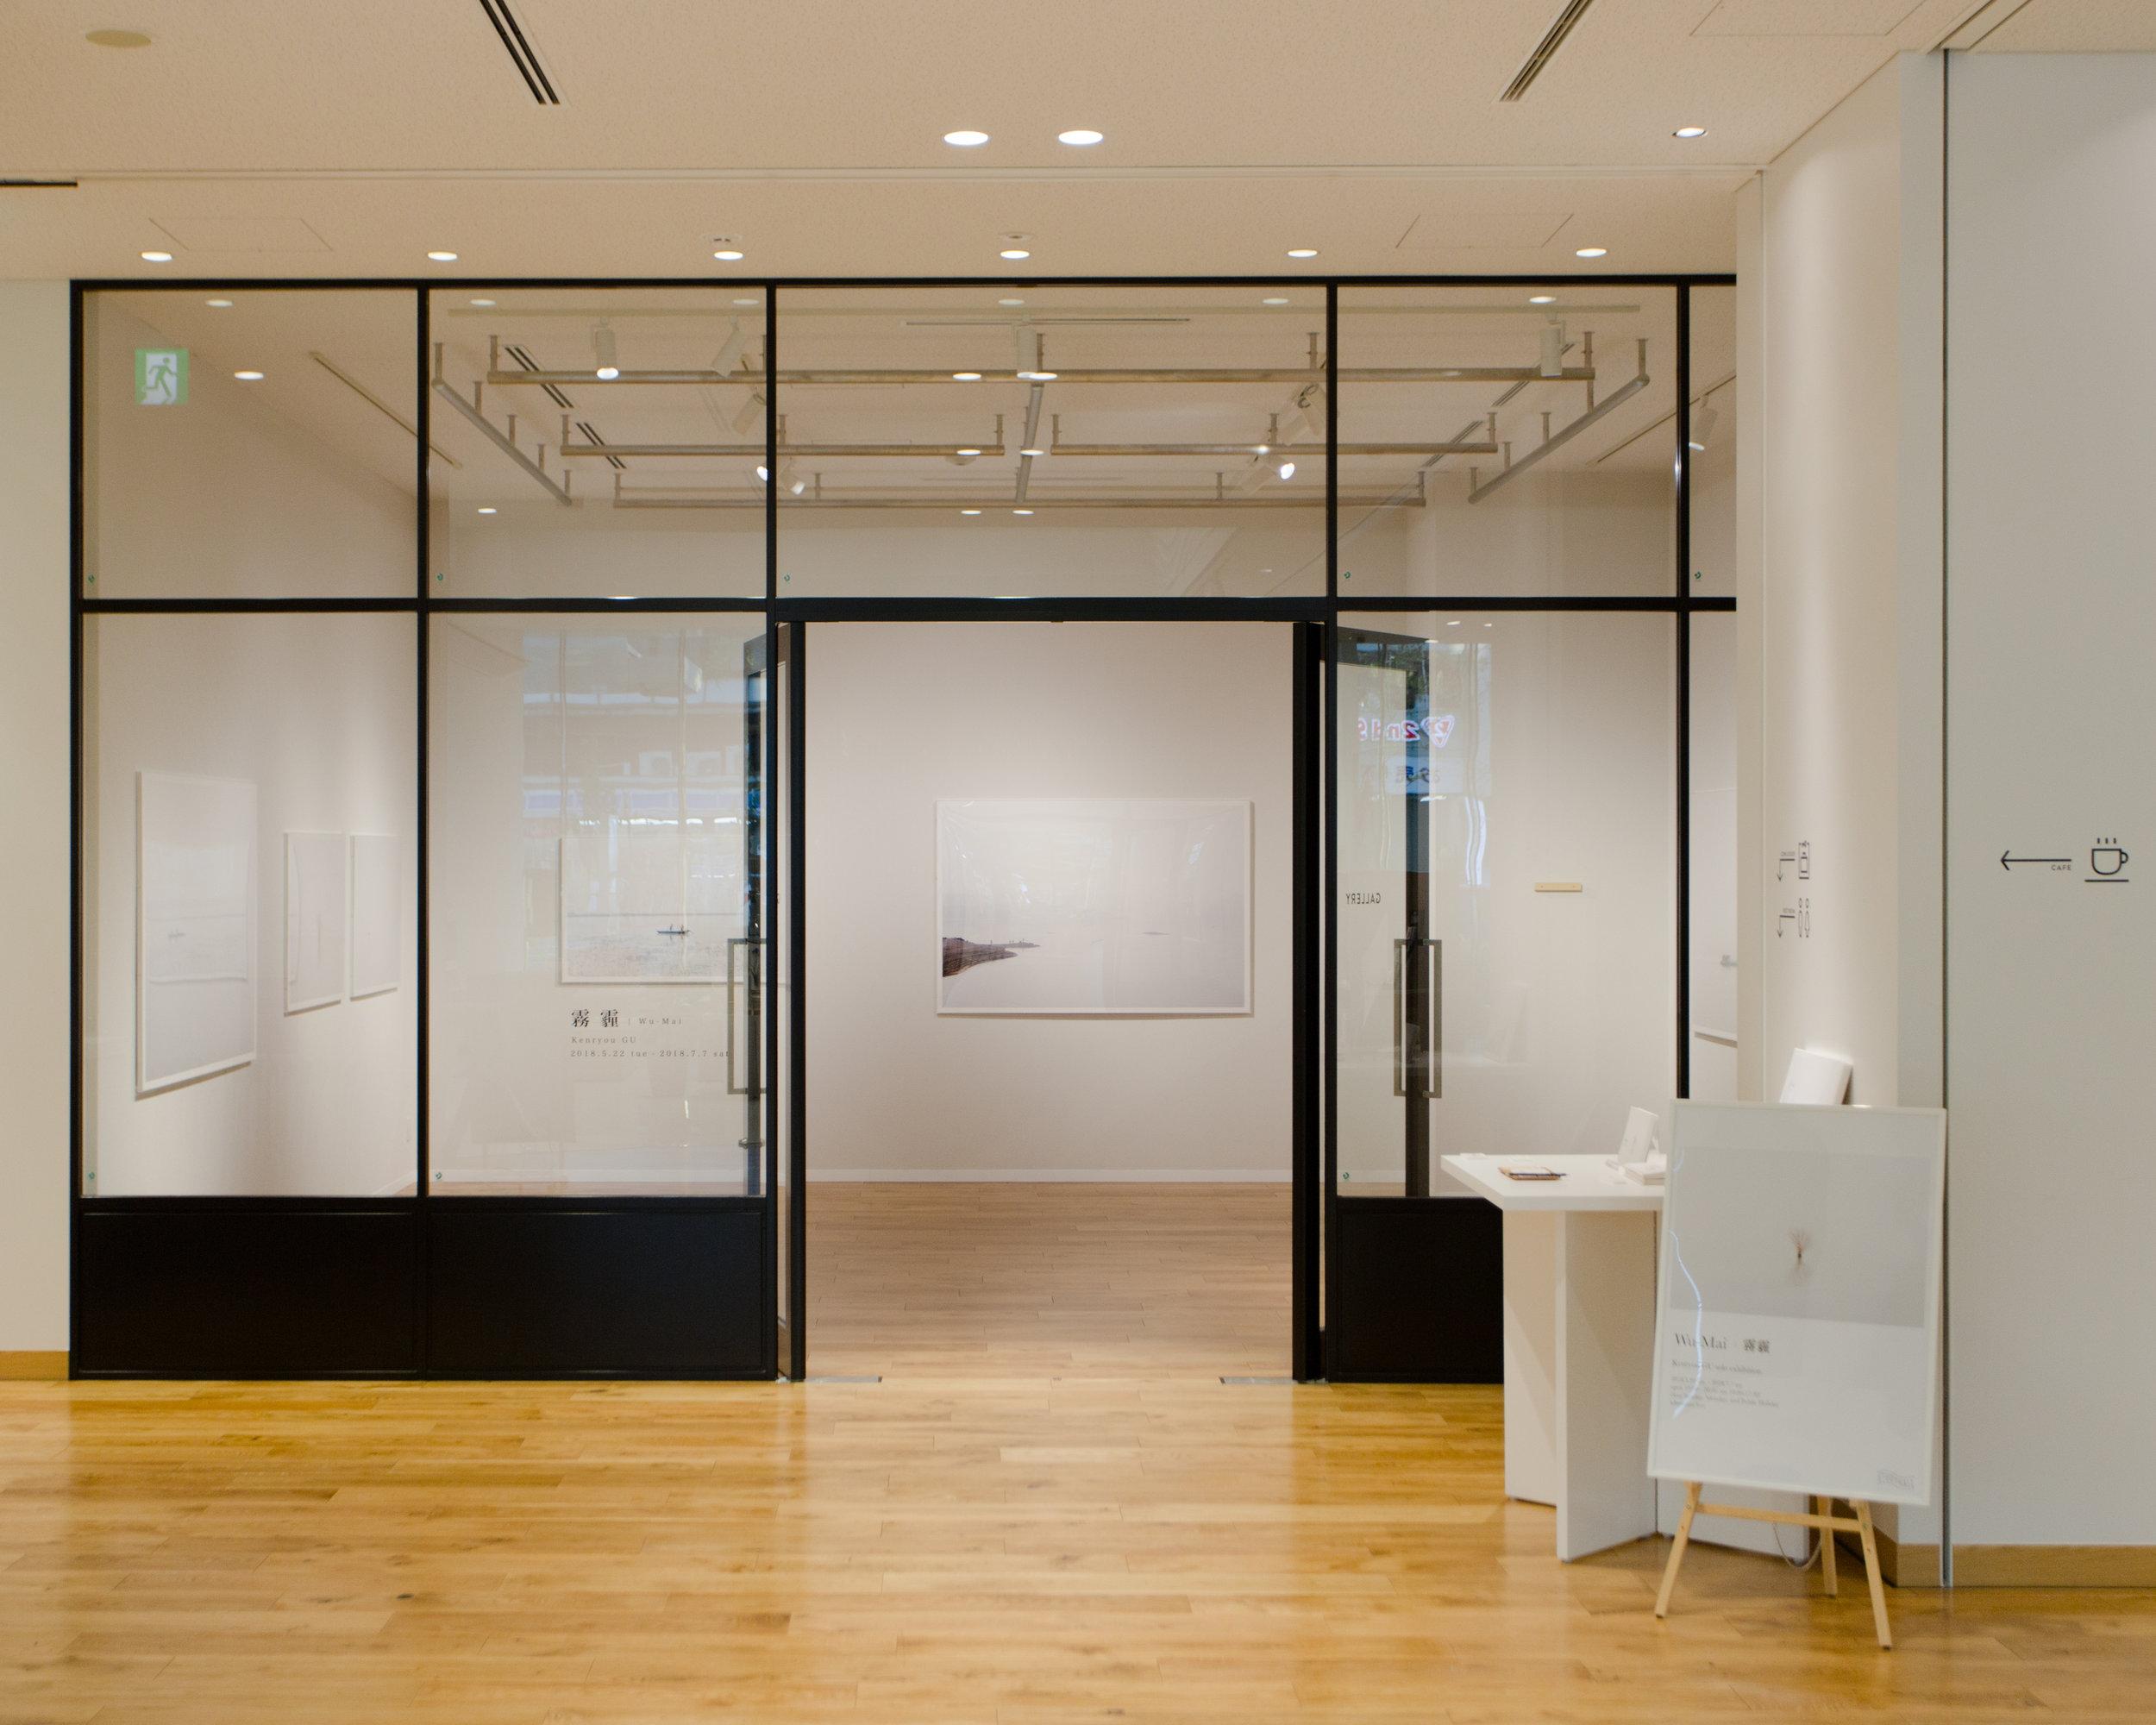 雾霾 | Wu-Mai  Wacoal Studyhall Kyoto Gallery, 2018